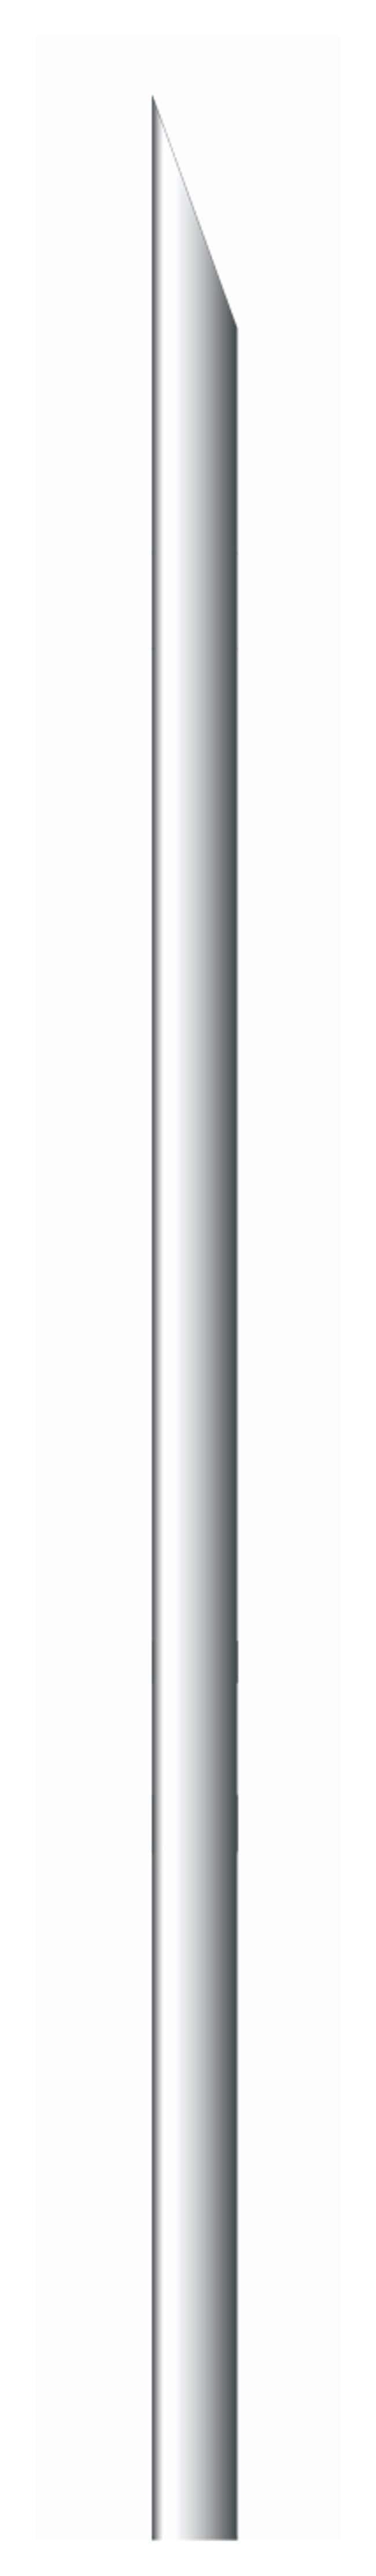 SGE™NanoVolume Syringes Tip Style: bevel; Capacity: 1μL; Gauge: 23; O.D.: 8mm; Length: 70mm SGE™NanoVolume Syringes